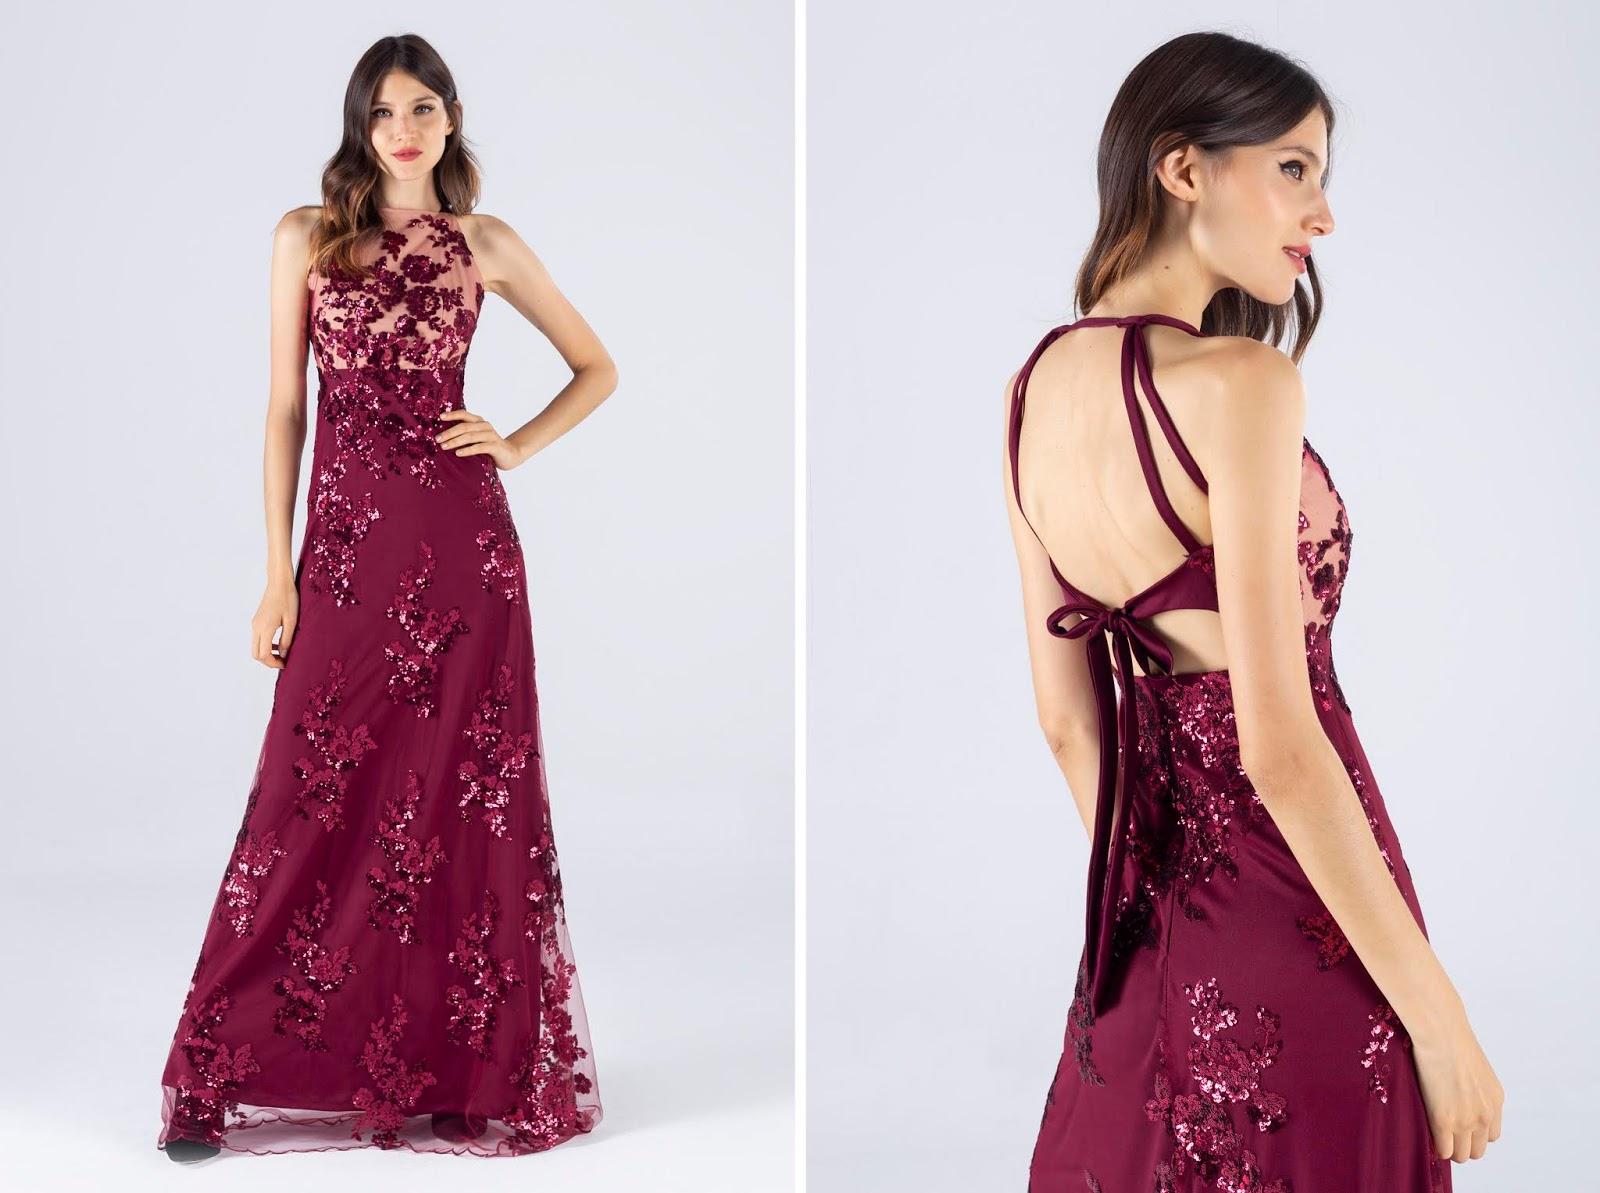 Vestido de fiesta largo 2020. Vestido de invitada a casamiento, boda. Vestido de fiesta 2020.